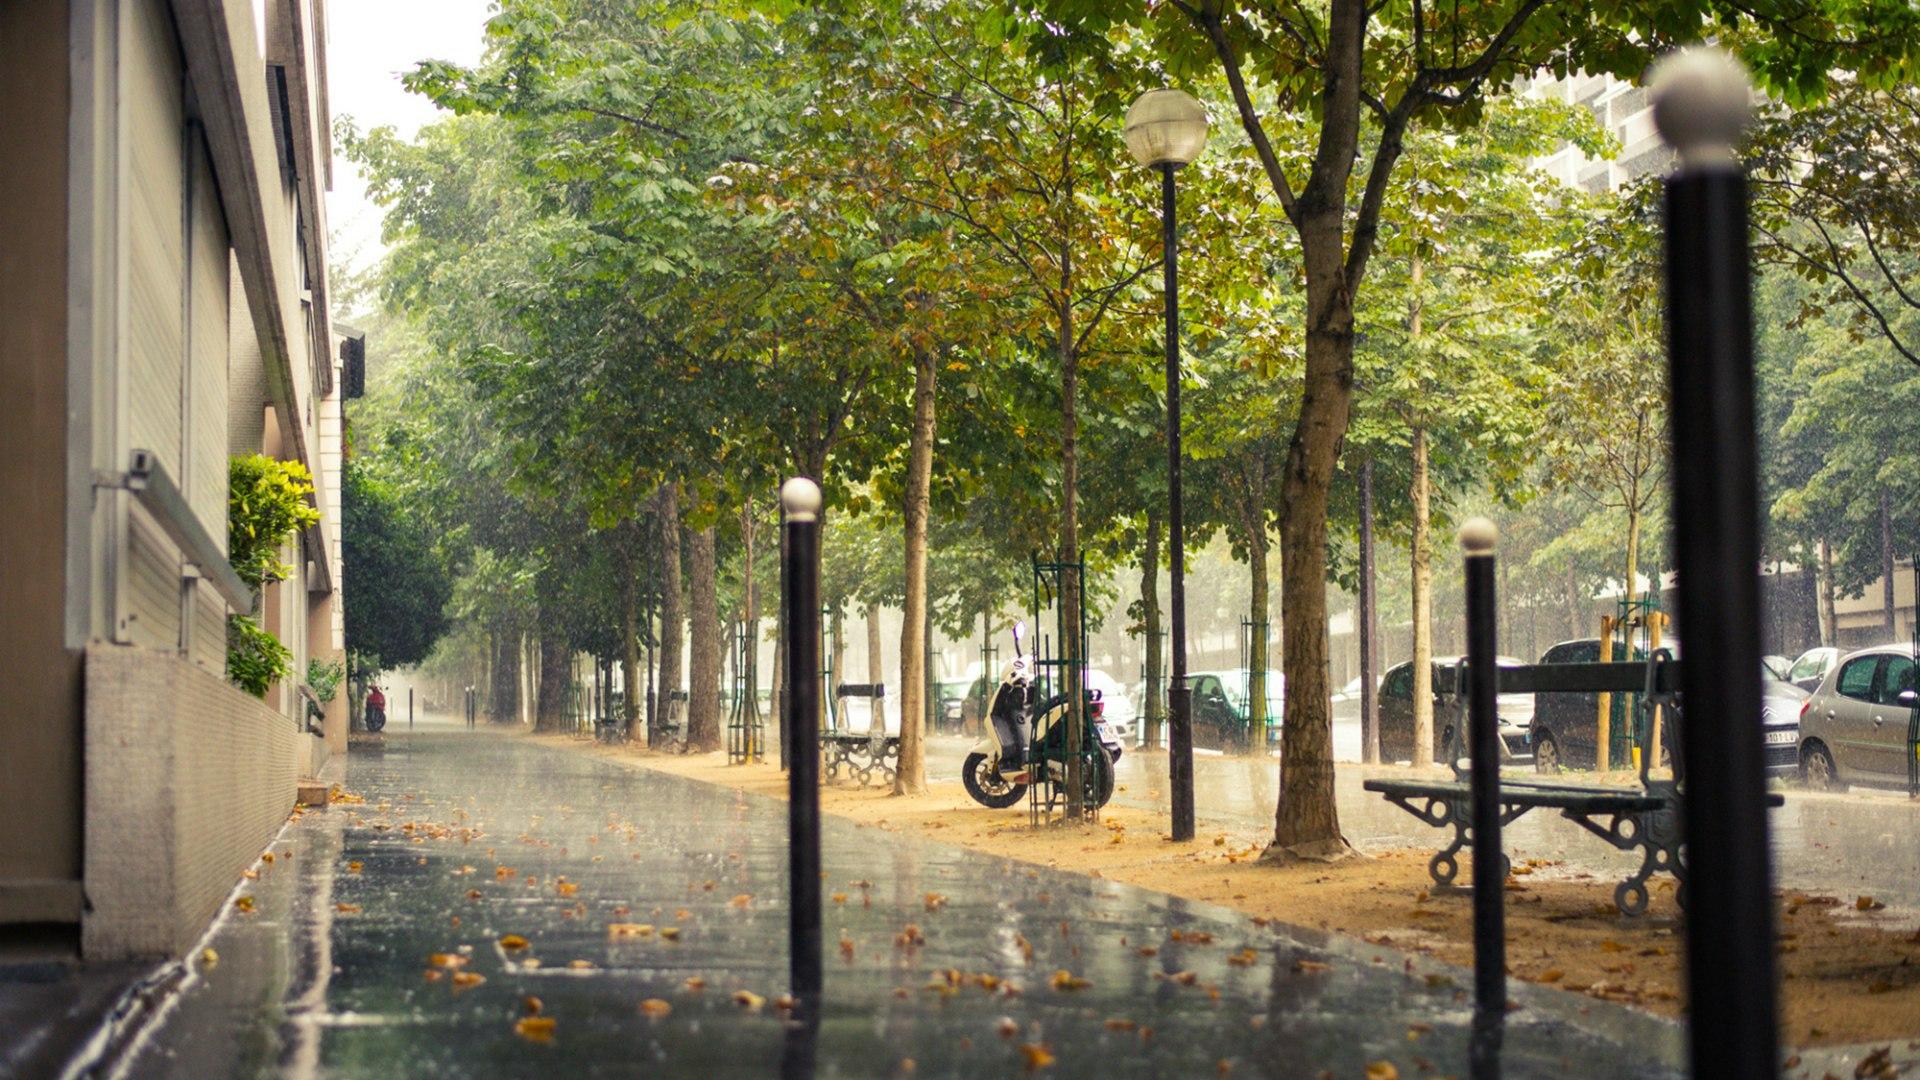 Street Of Paris In The Rain